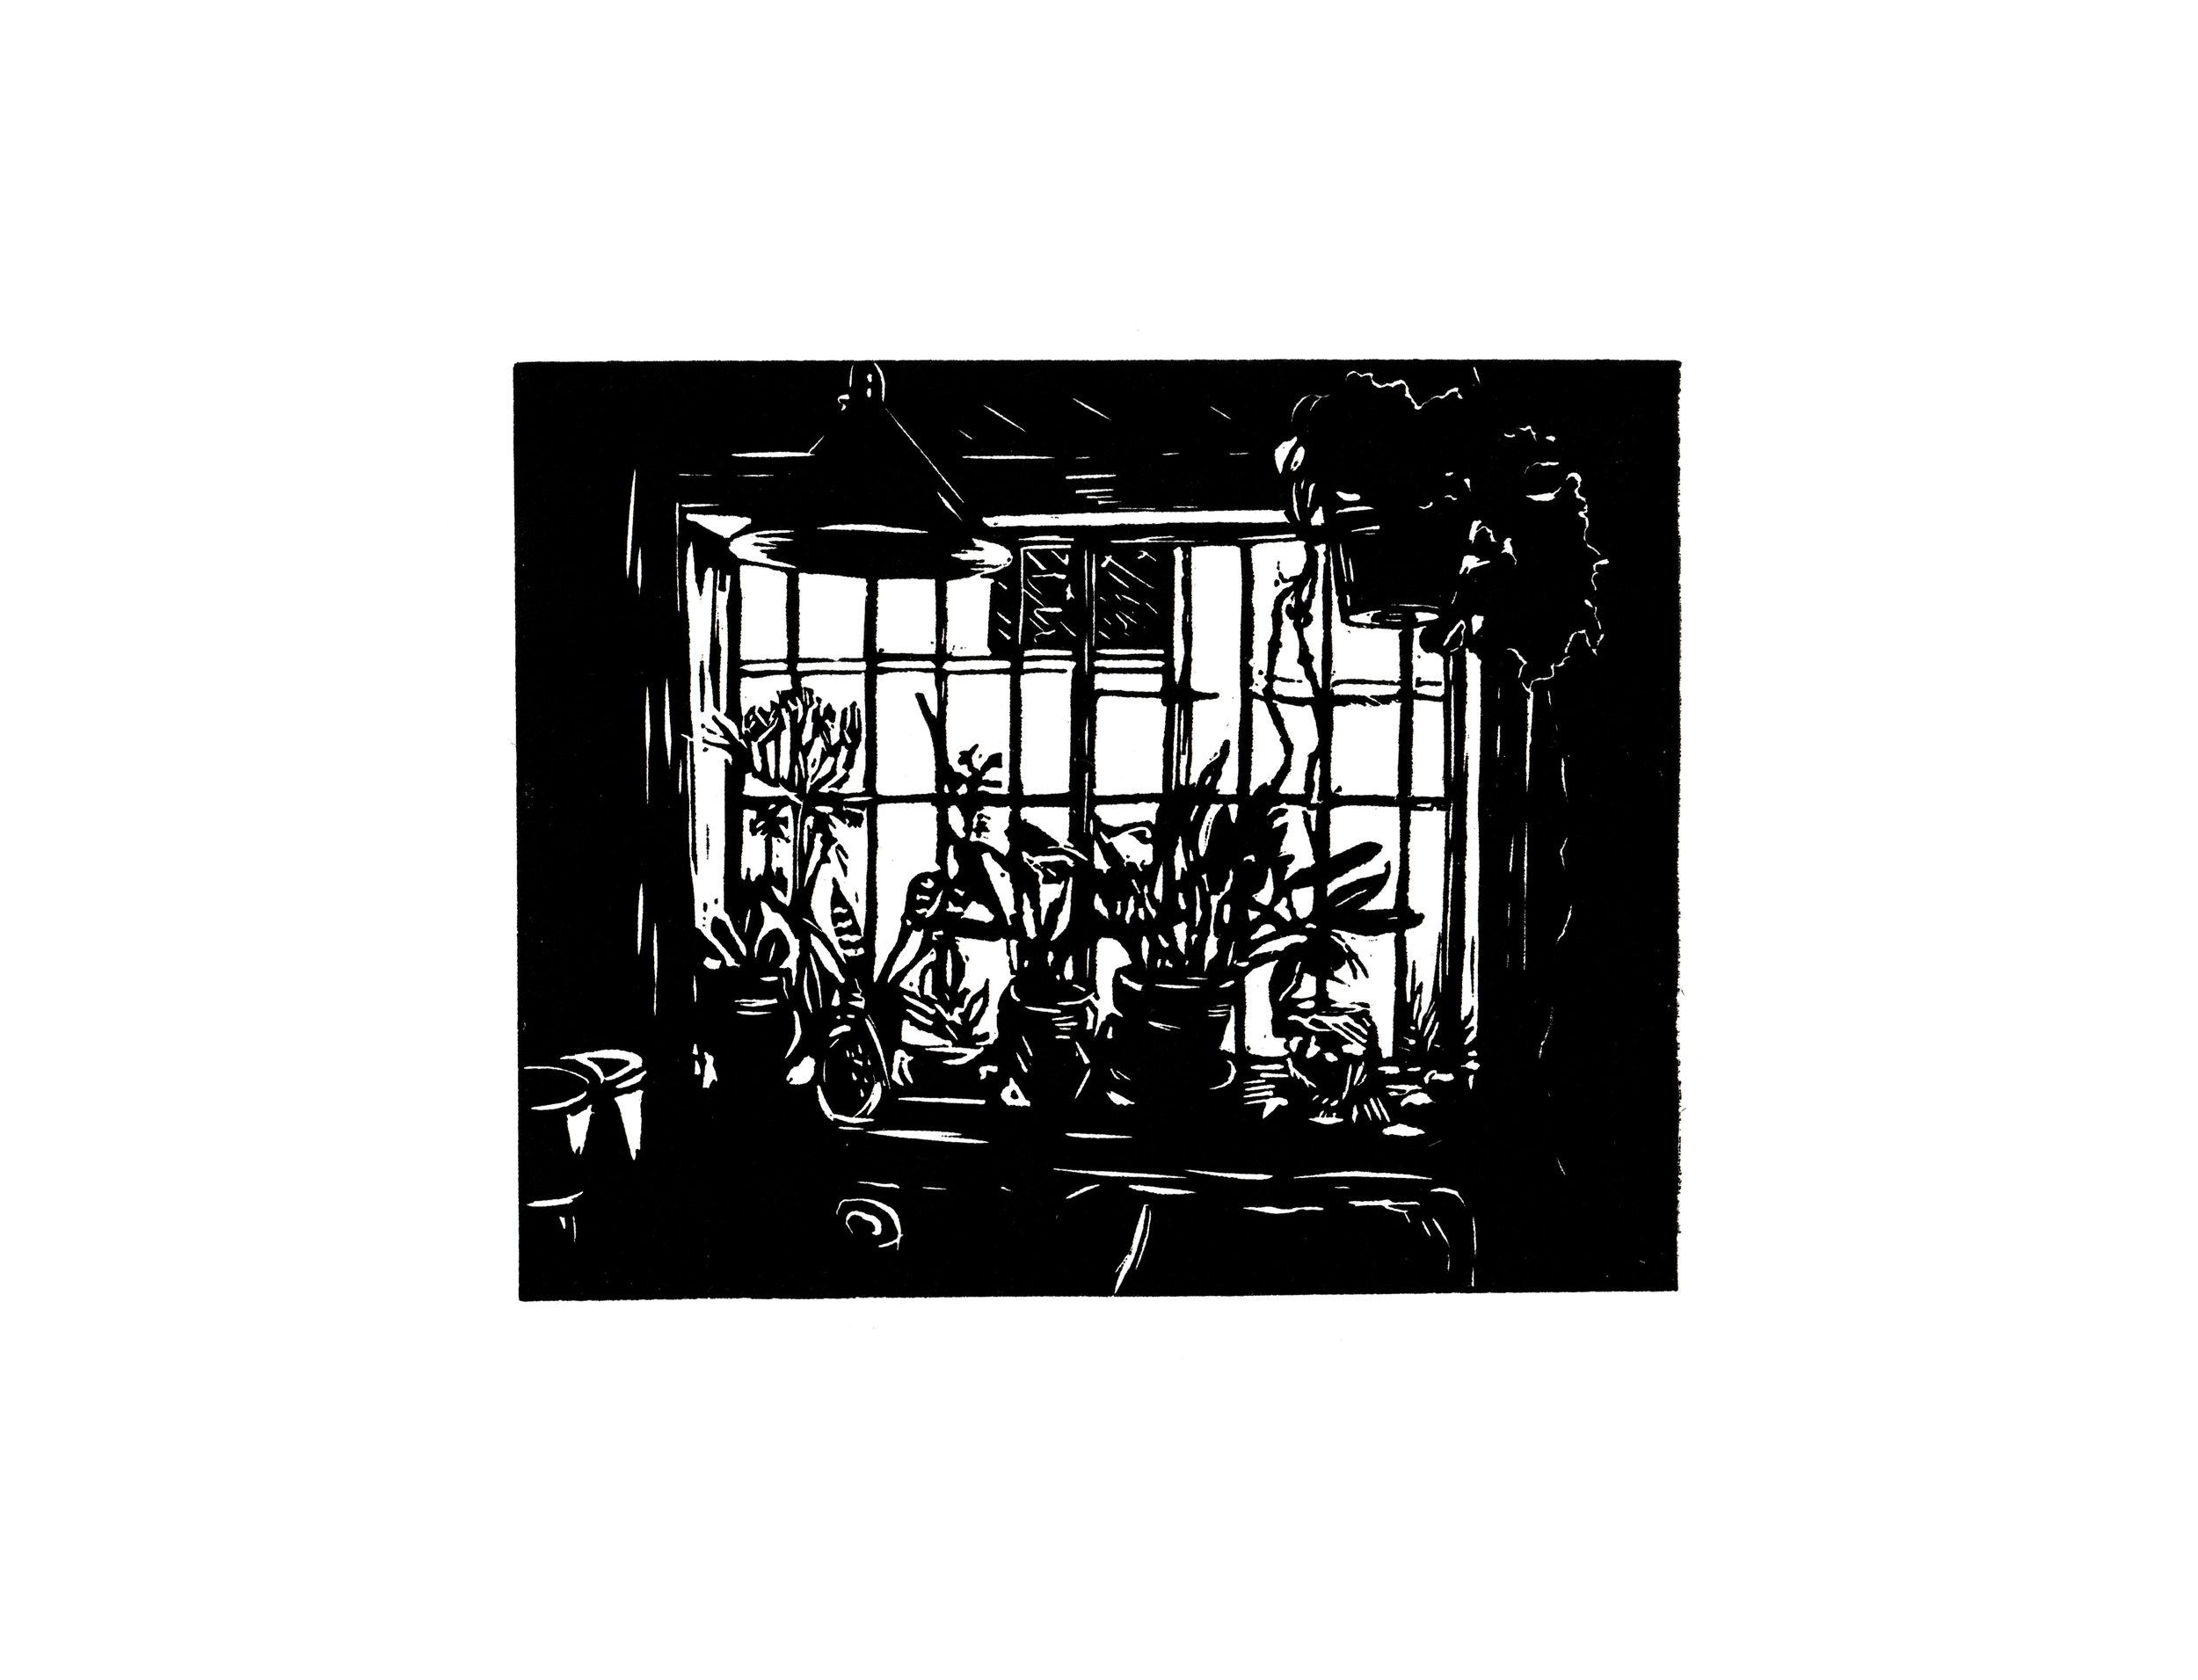 Plants on a Sill, linocut, 2015